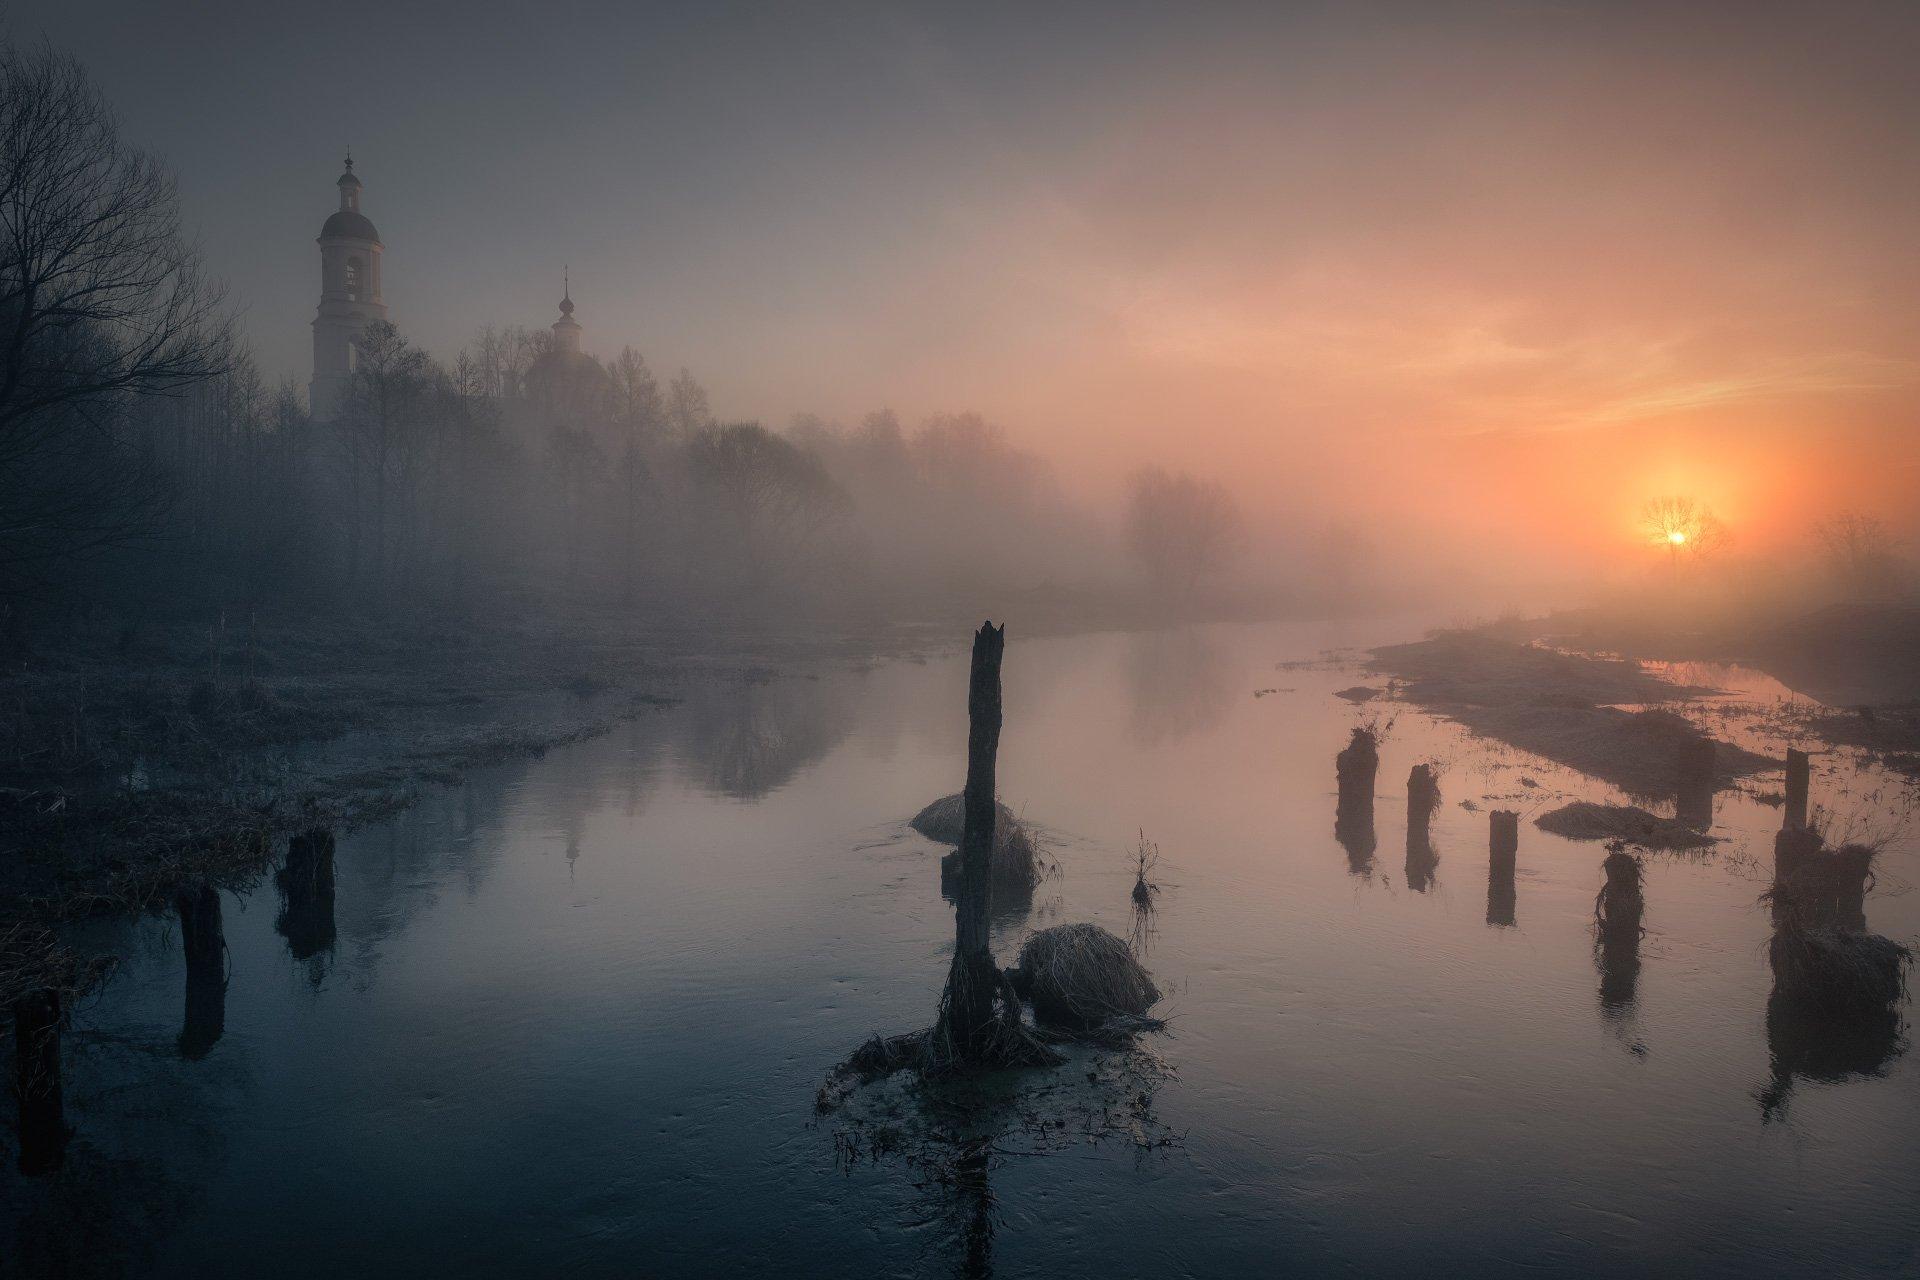 река, шерна, утро, туман, рассвет, вода, монастырь, солнце, Андрей Чиж